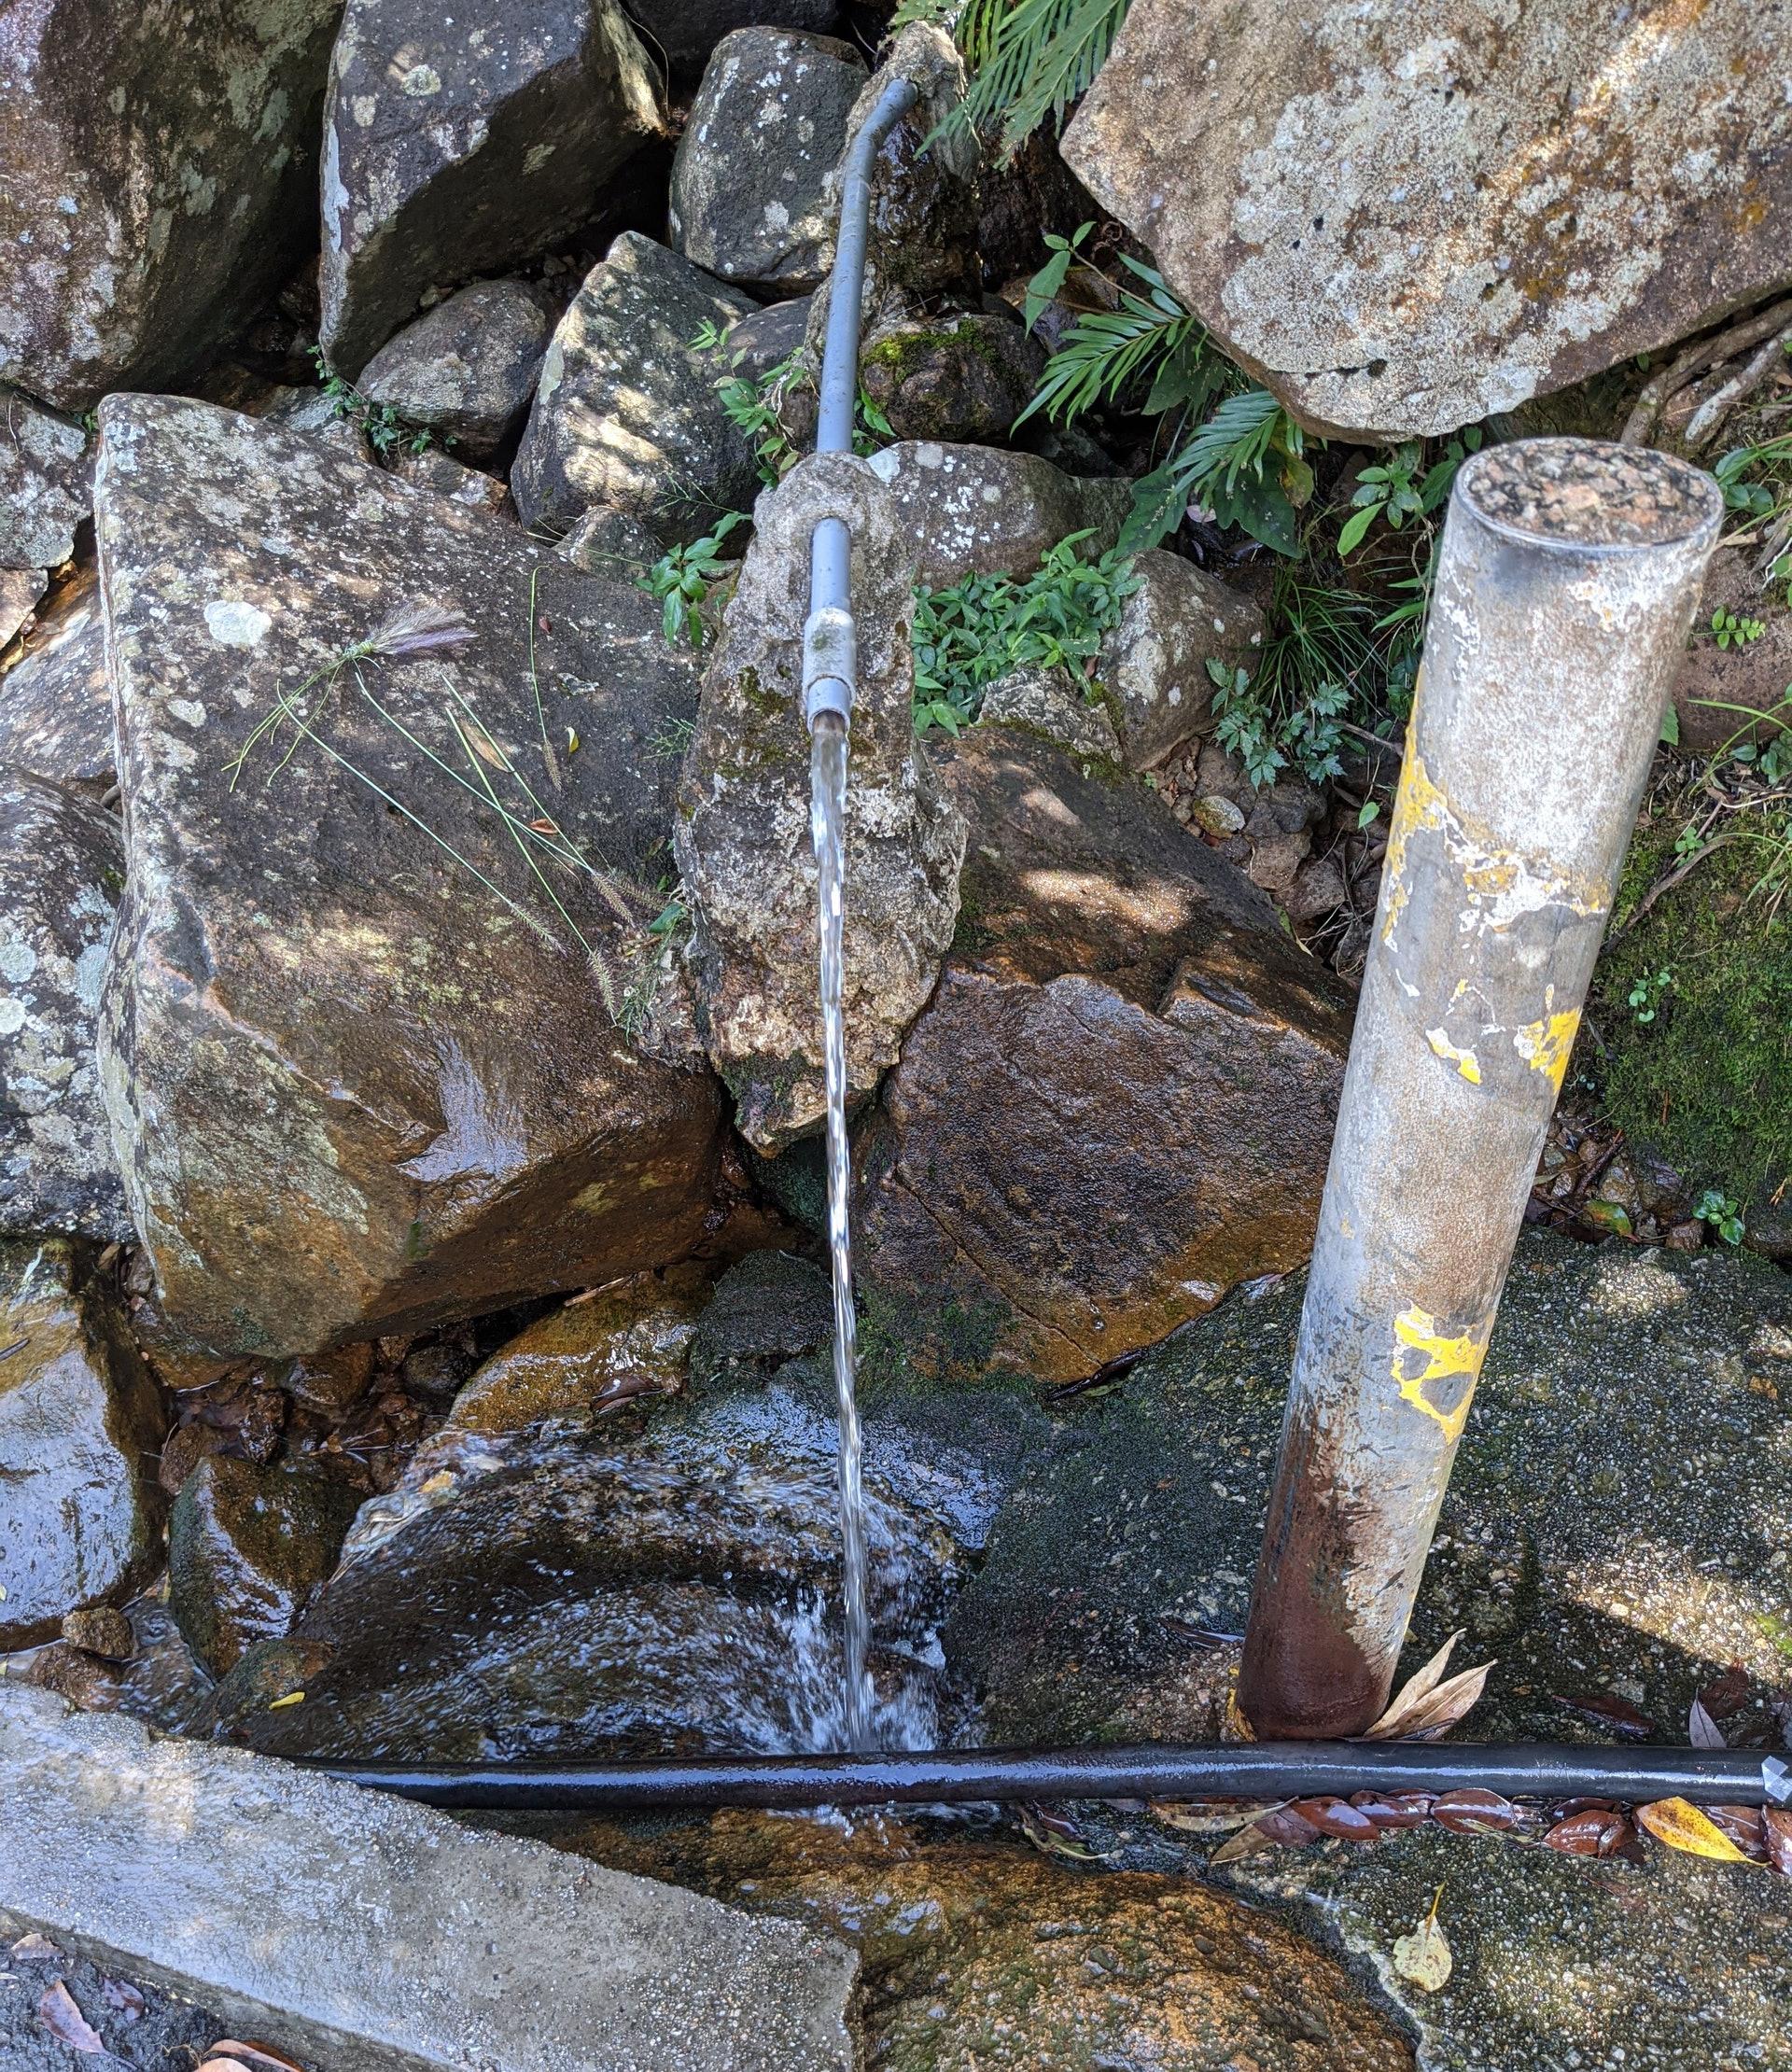 近頂有個水源,不少行山人士都會用山水沖沖手,涼快一下。(李琬瑩攝)